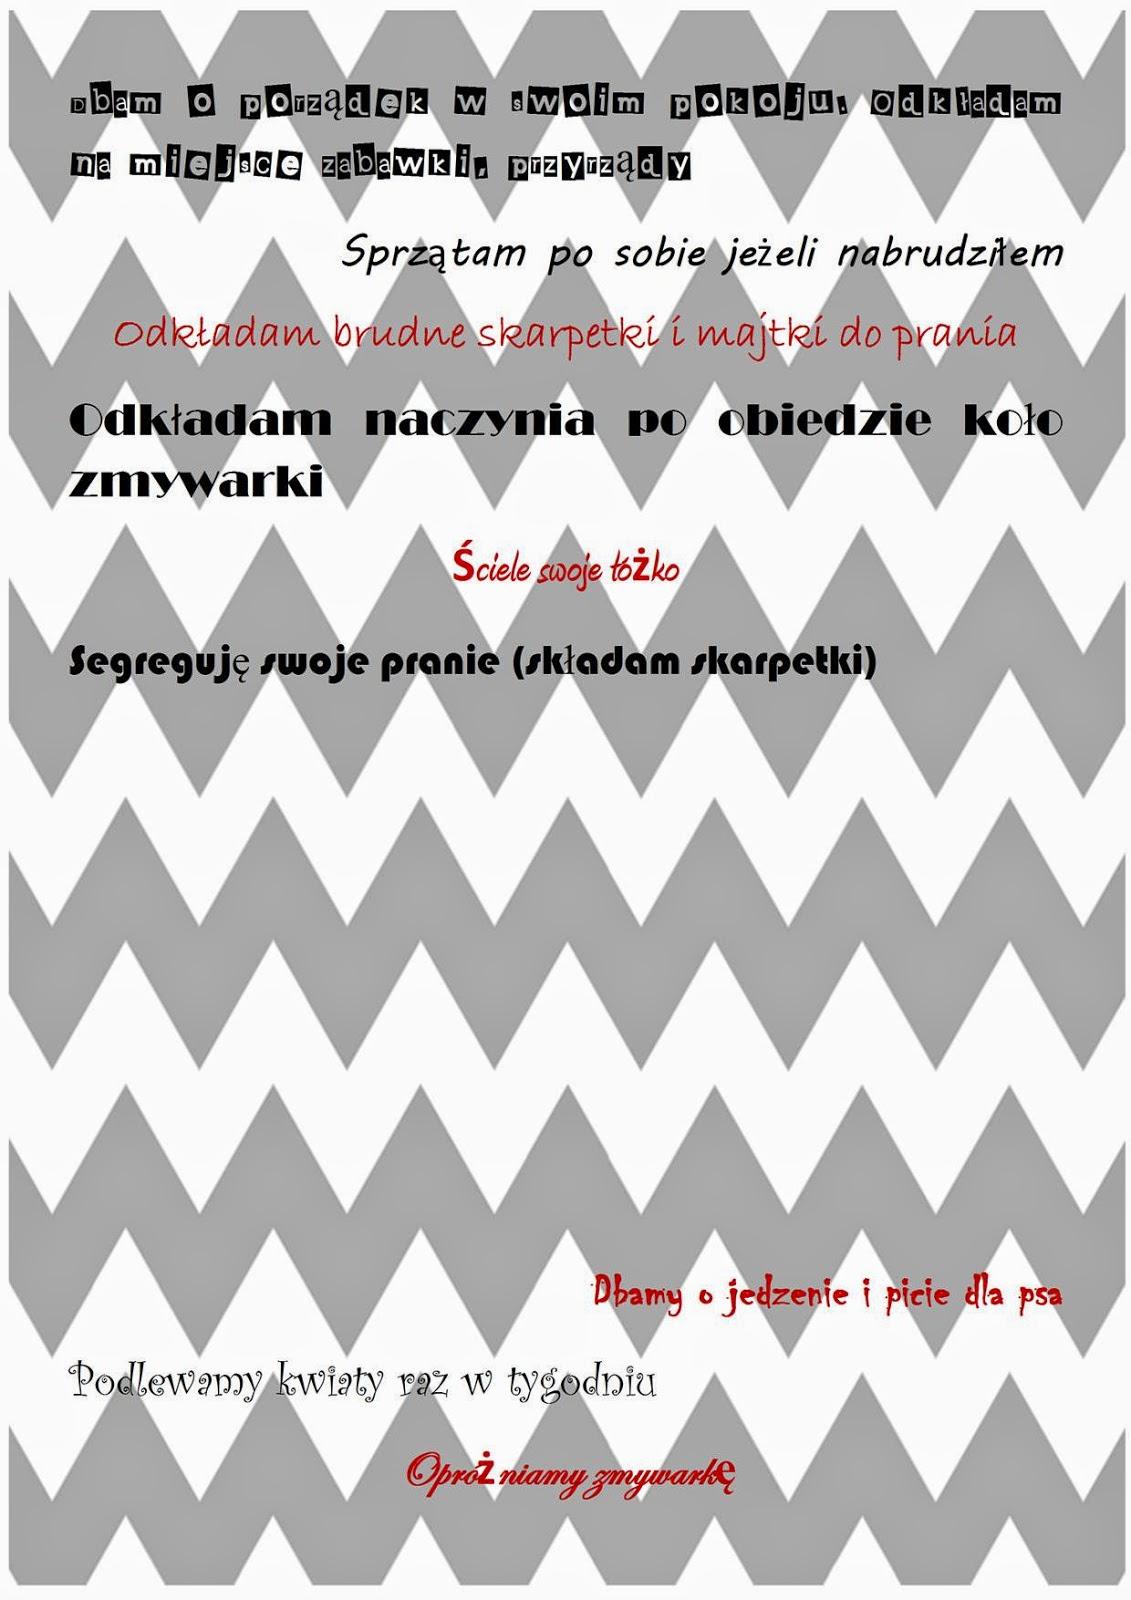 plakat obowiązki dla dzieci